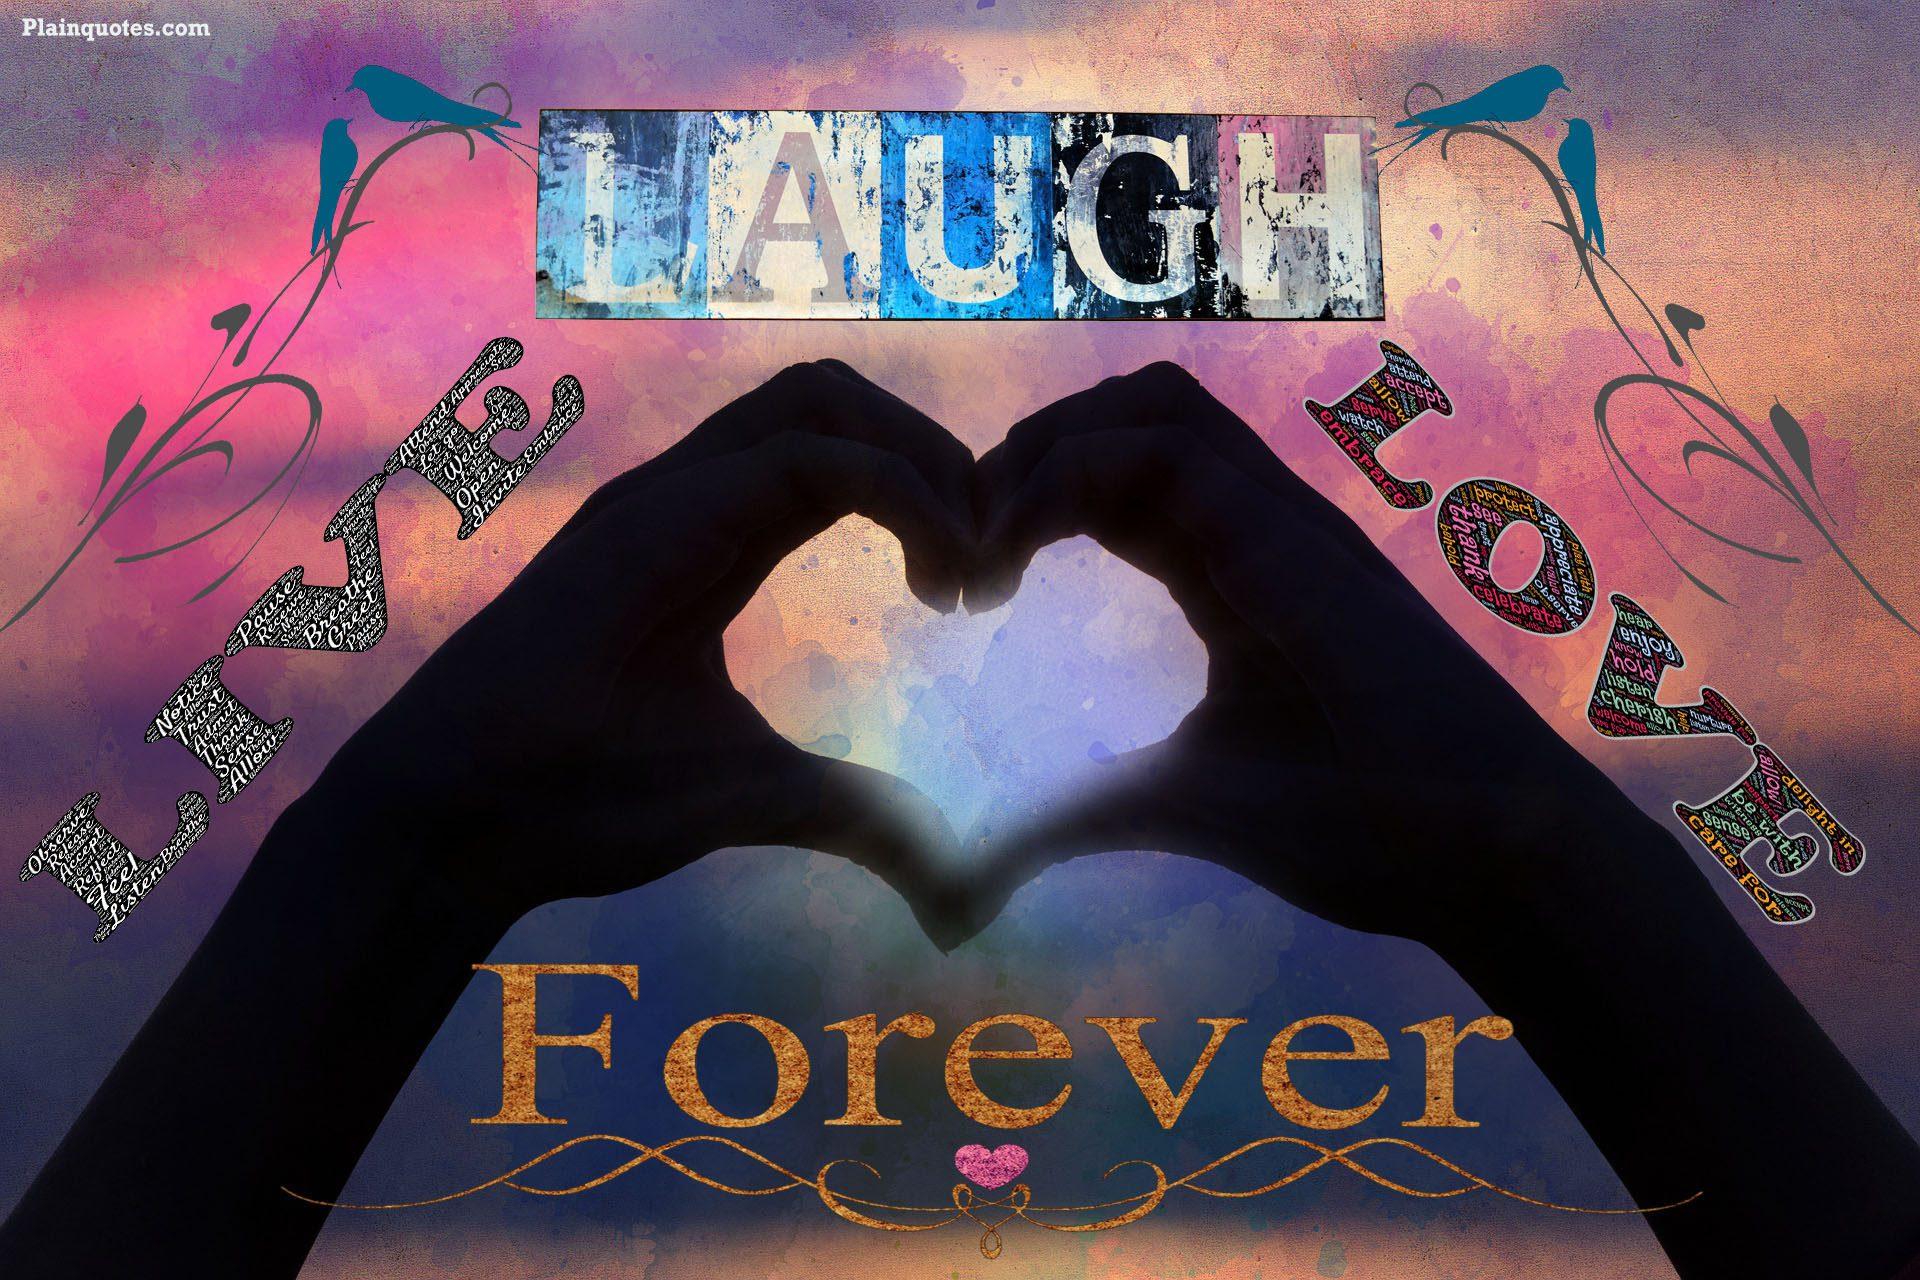 liveLaughLoveForever image